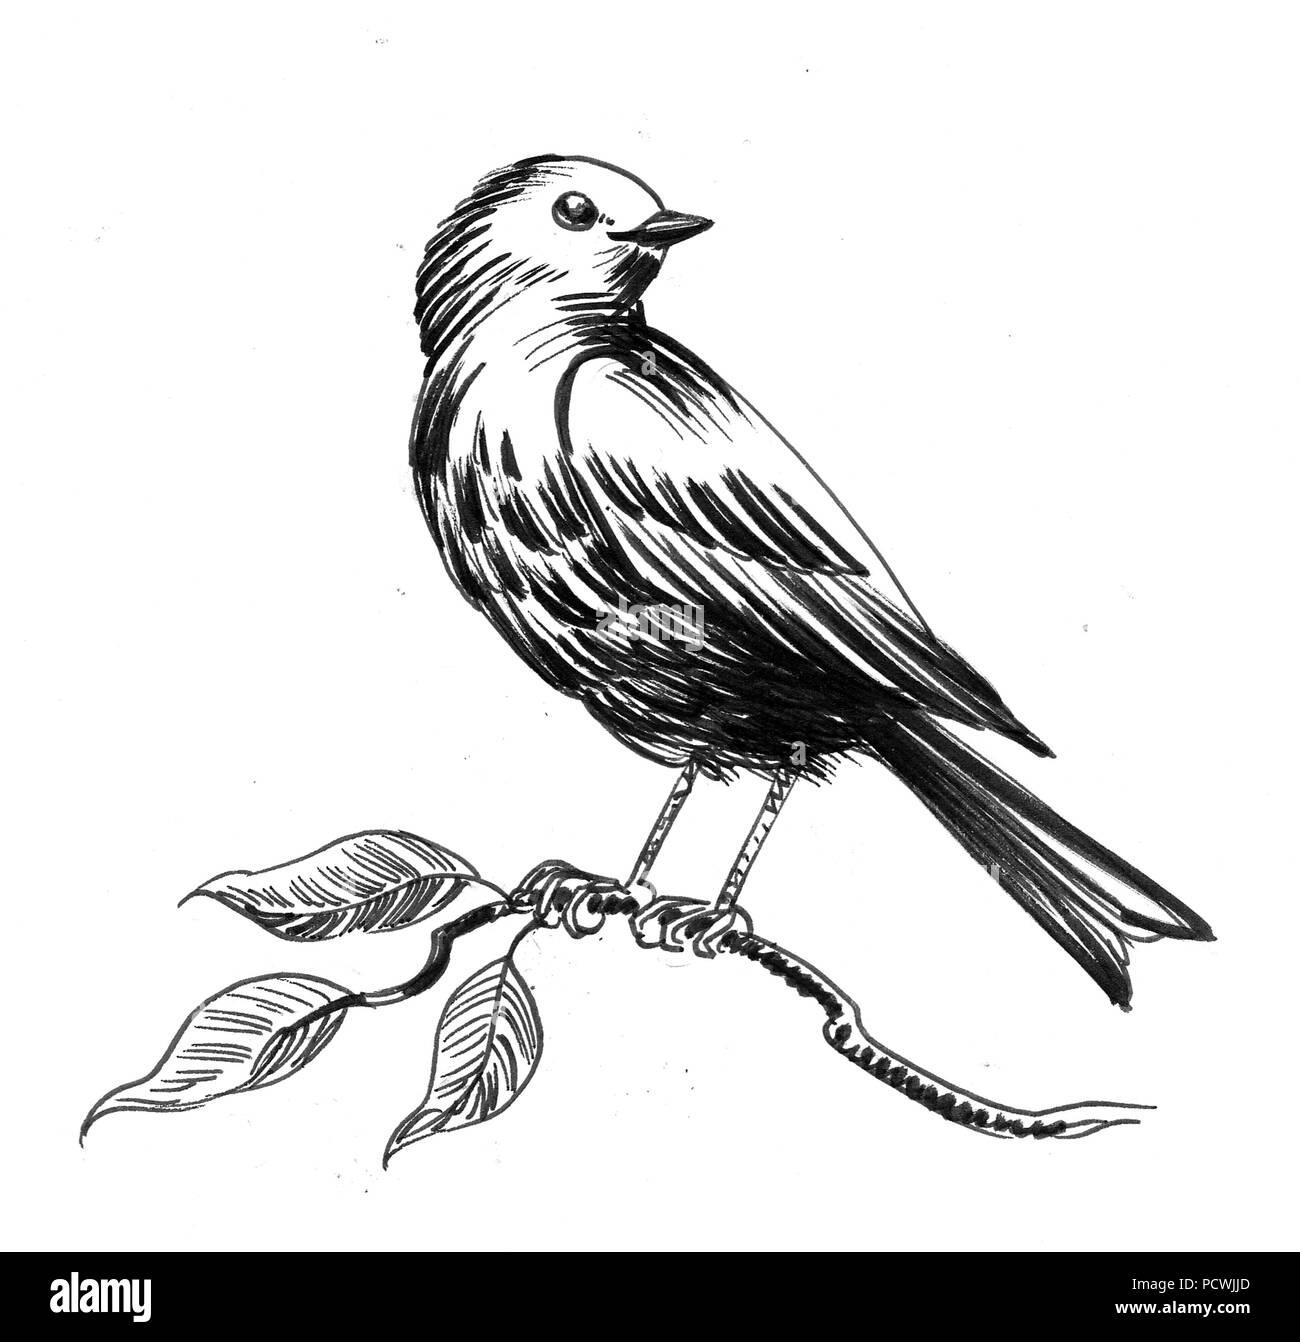 Oiseau Posé Sur Une Branche D Arbre Illustration Noir Et